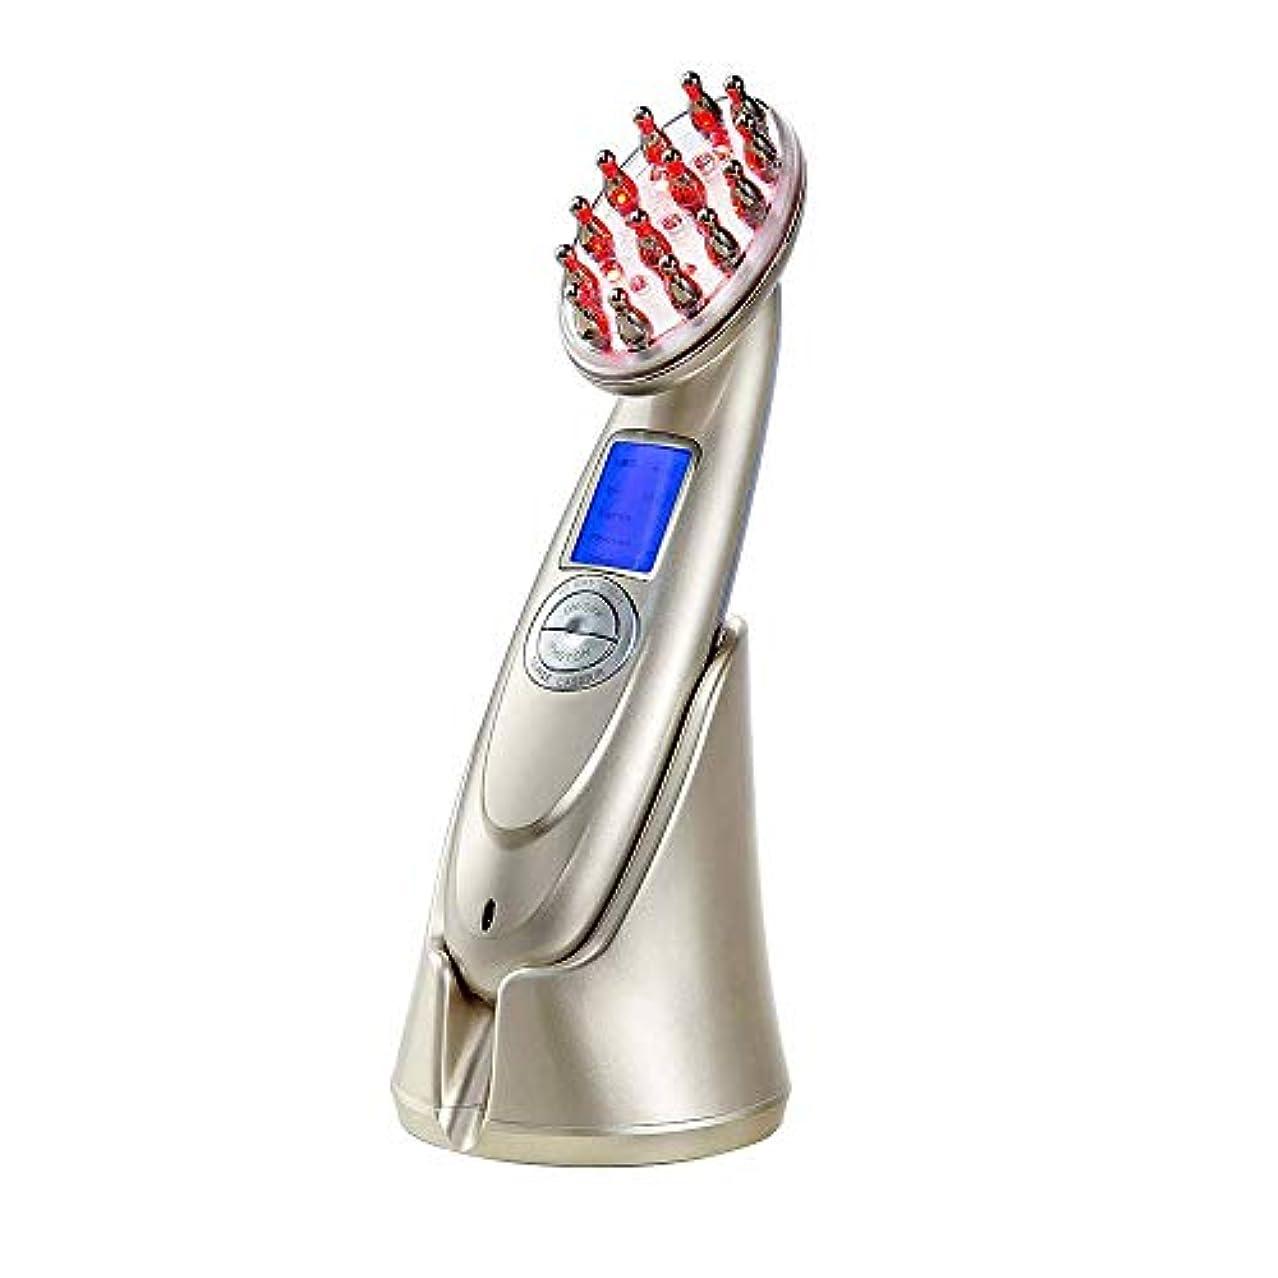 不一致脇に出版髪の成長櫛電気抗毛損失治療マッサージヘア再生ブラシ無線周波数職業 EMS Led フォトンライトセラピー櫛